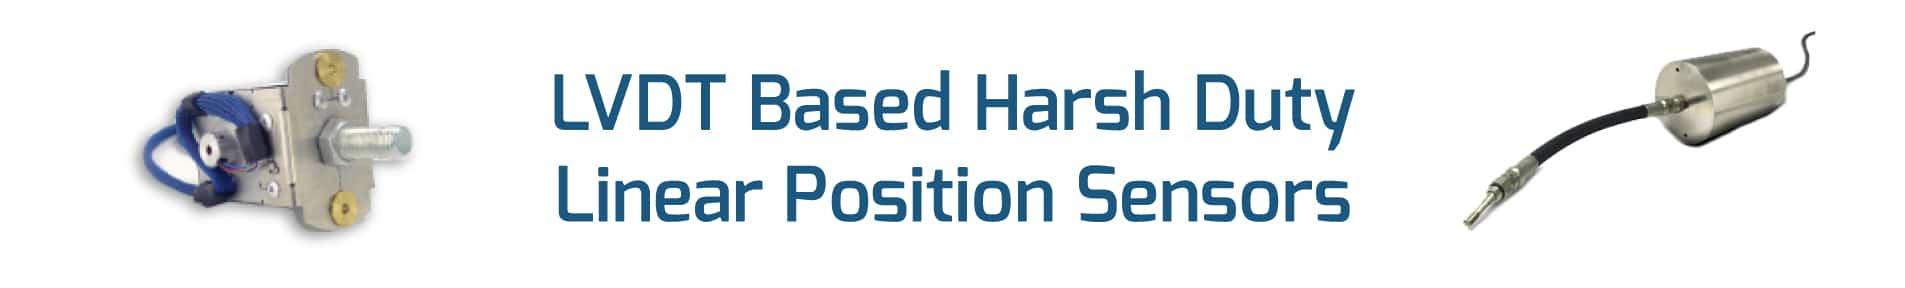 LVDT Based Harsh Duty Linear Position Sensors